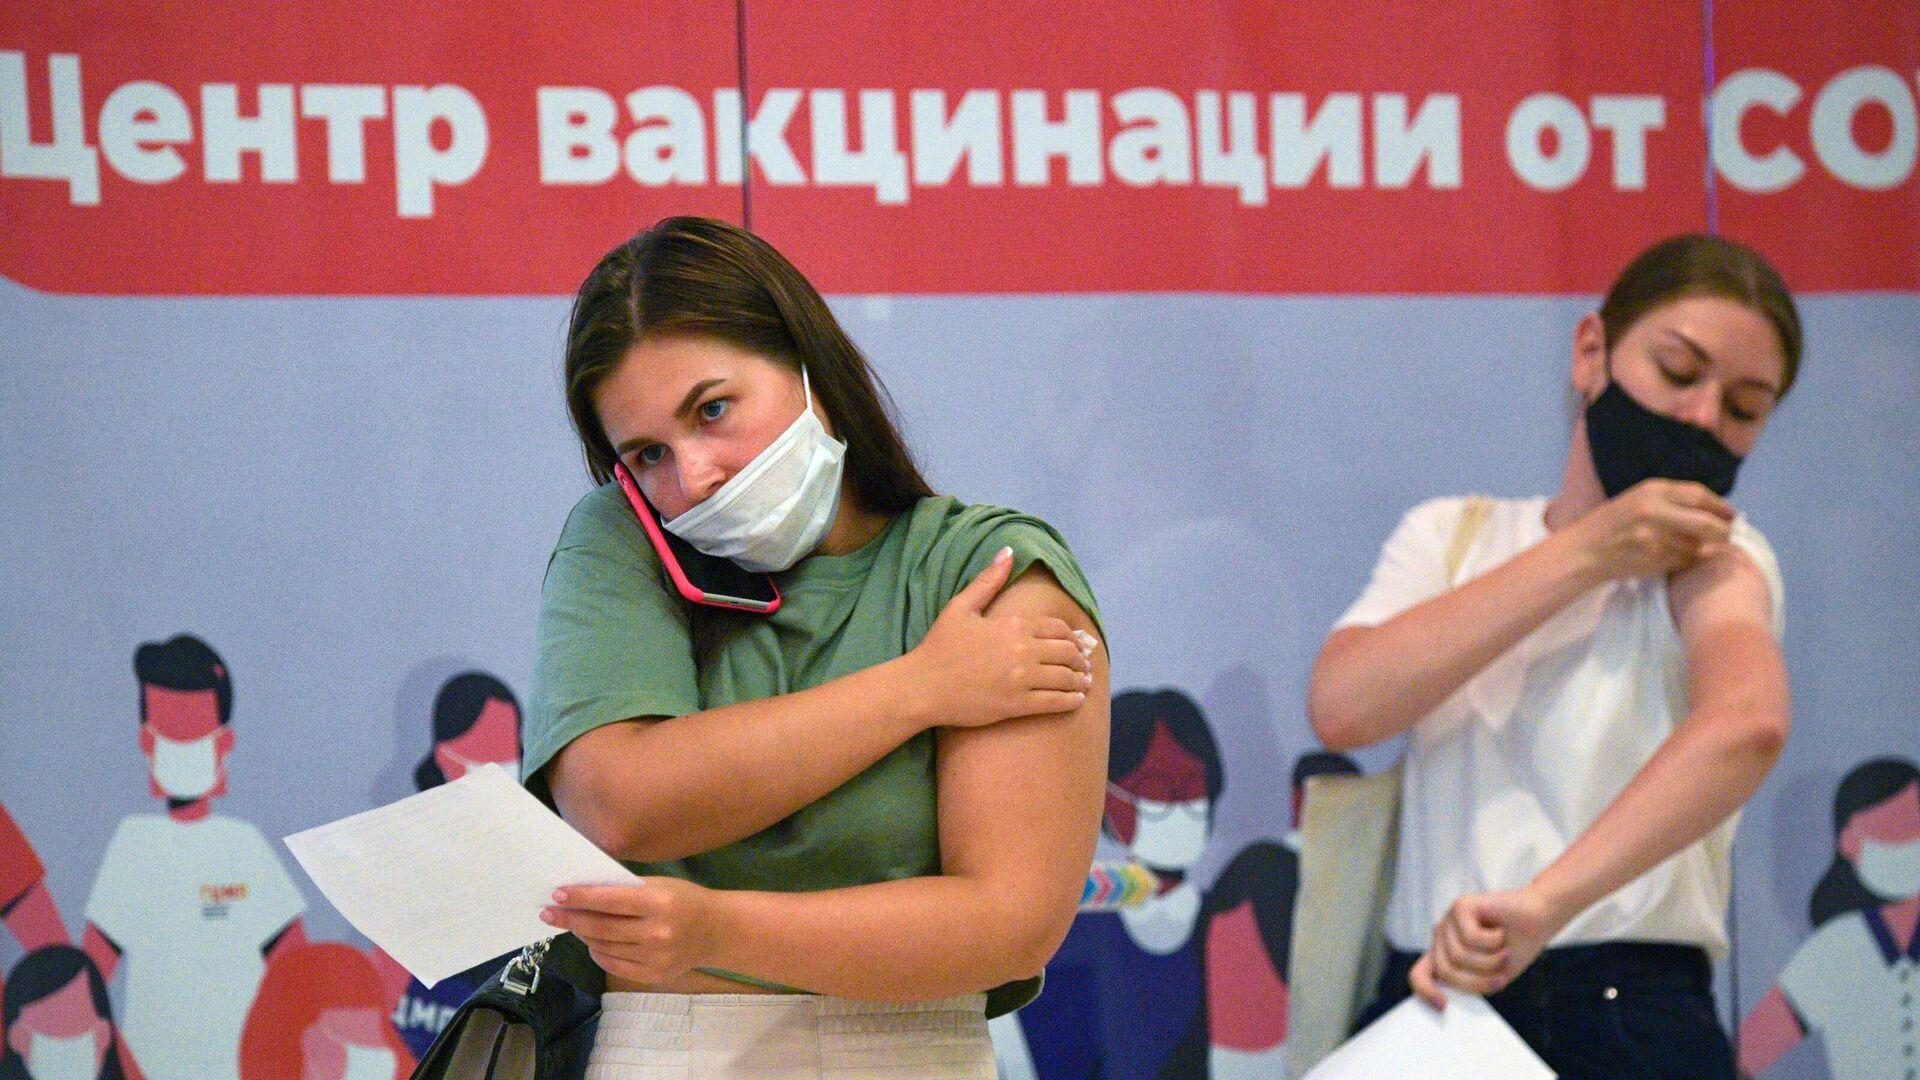 Девушки в пункте вакцинации от коронавируса в ТК Заневский каскад в Санкт-Петербурге - РИА Новости, 1920, 09.07.2021